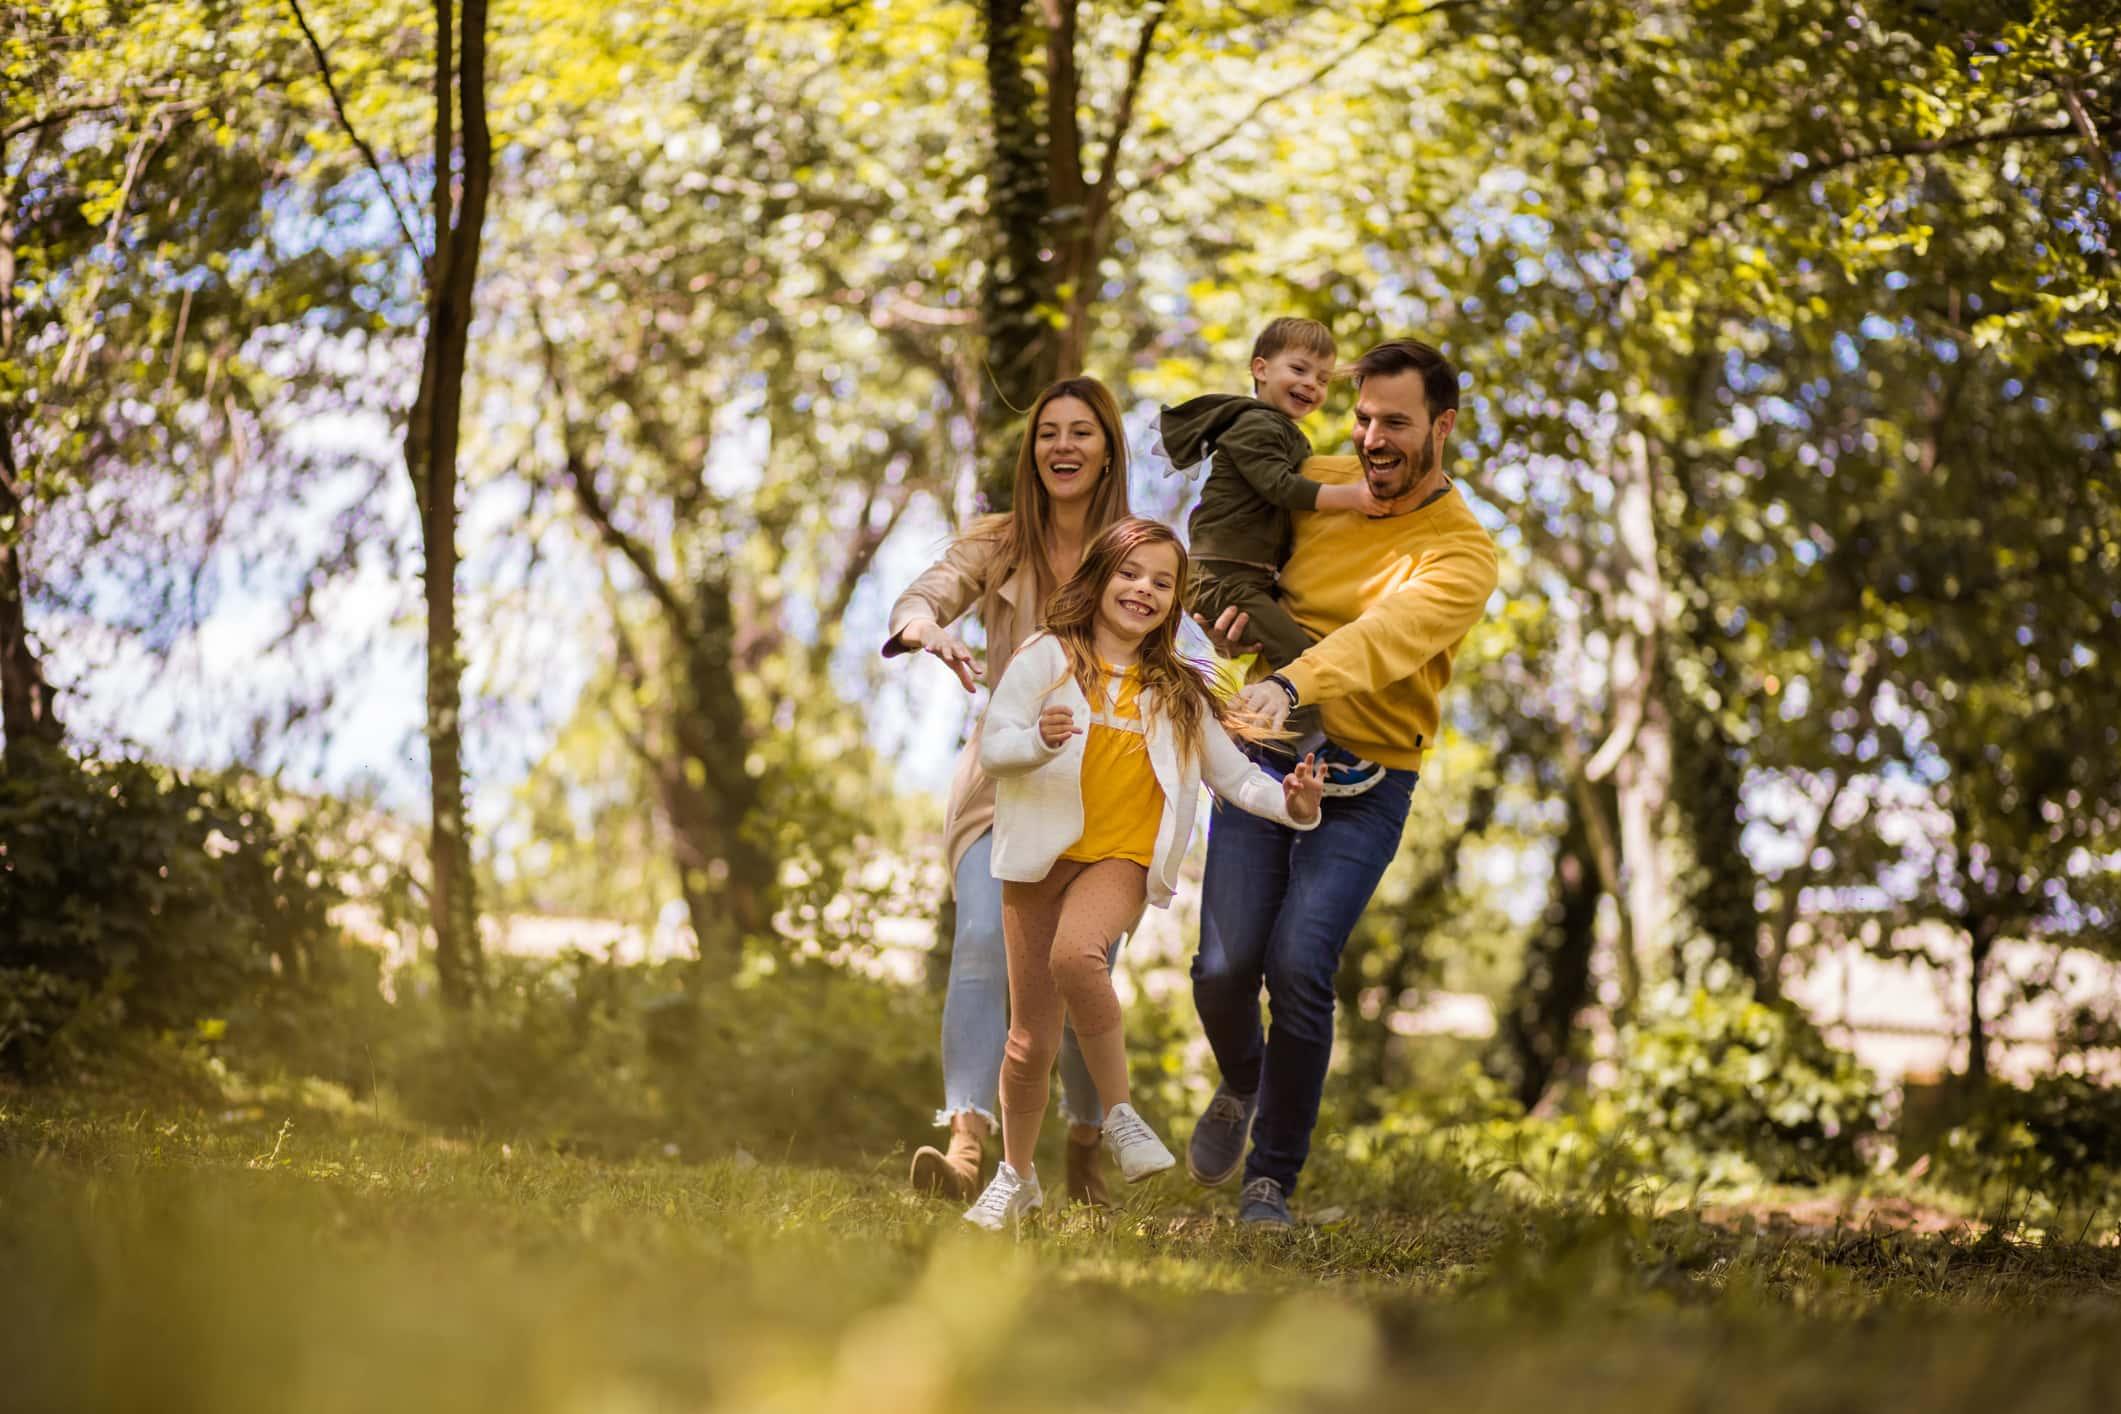 Het is tijd voor familie quality time.  Ouders brengen tijd met hun kinderen buiten door.